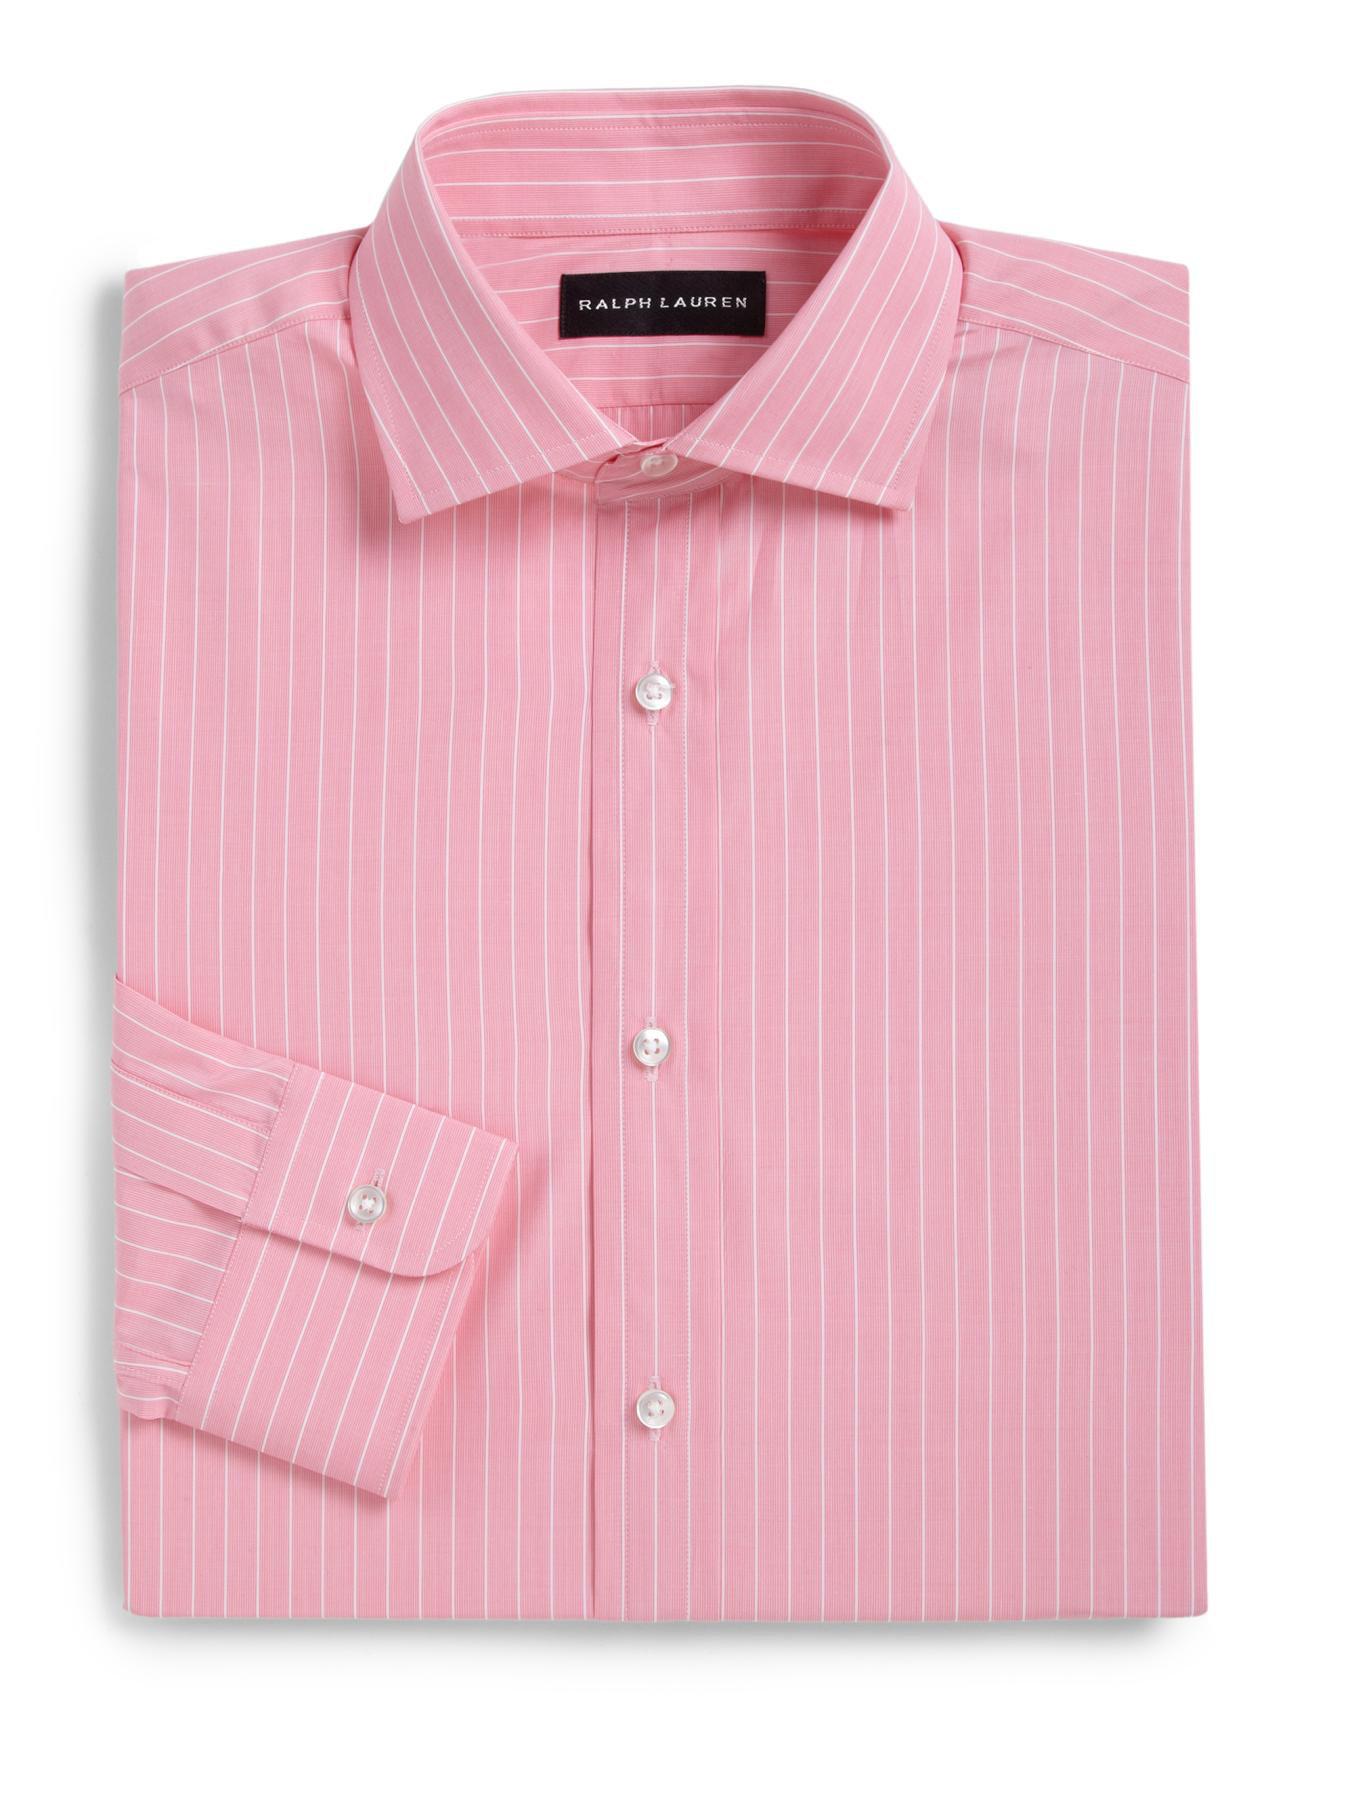 Ralph lauren black label classic fit striped dress shirt for Mens dark pink dress shirt